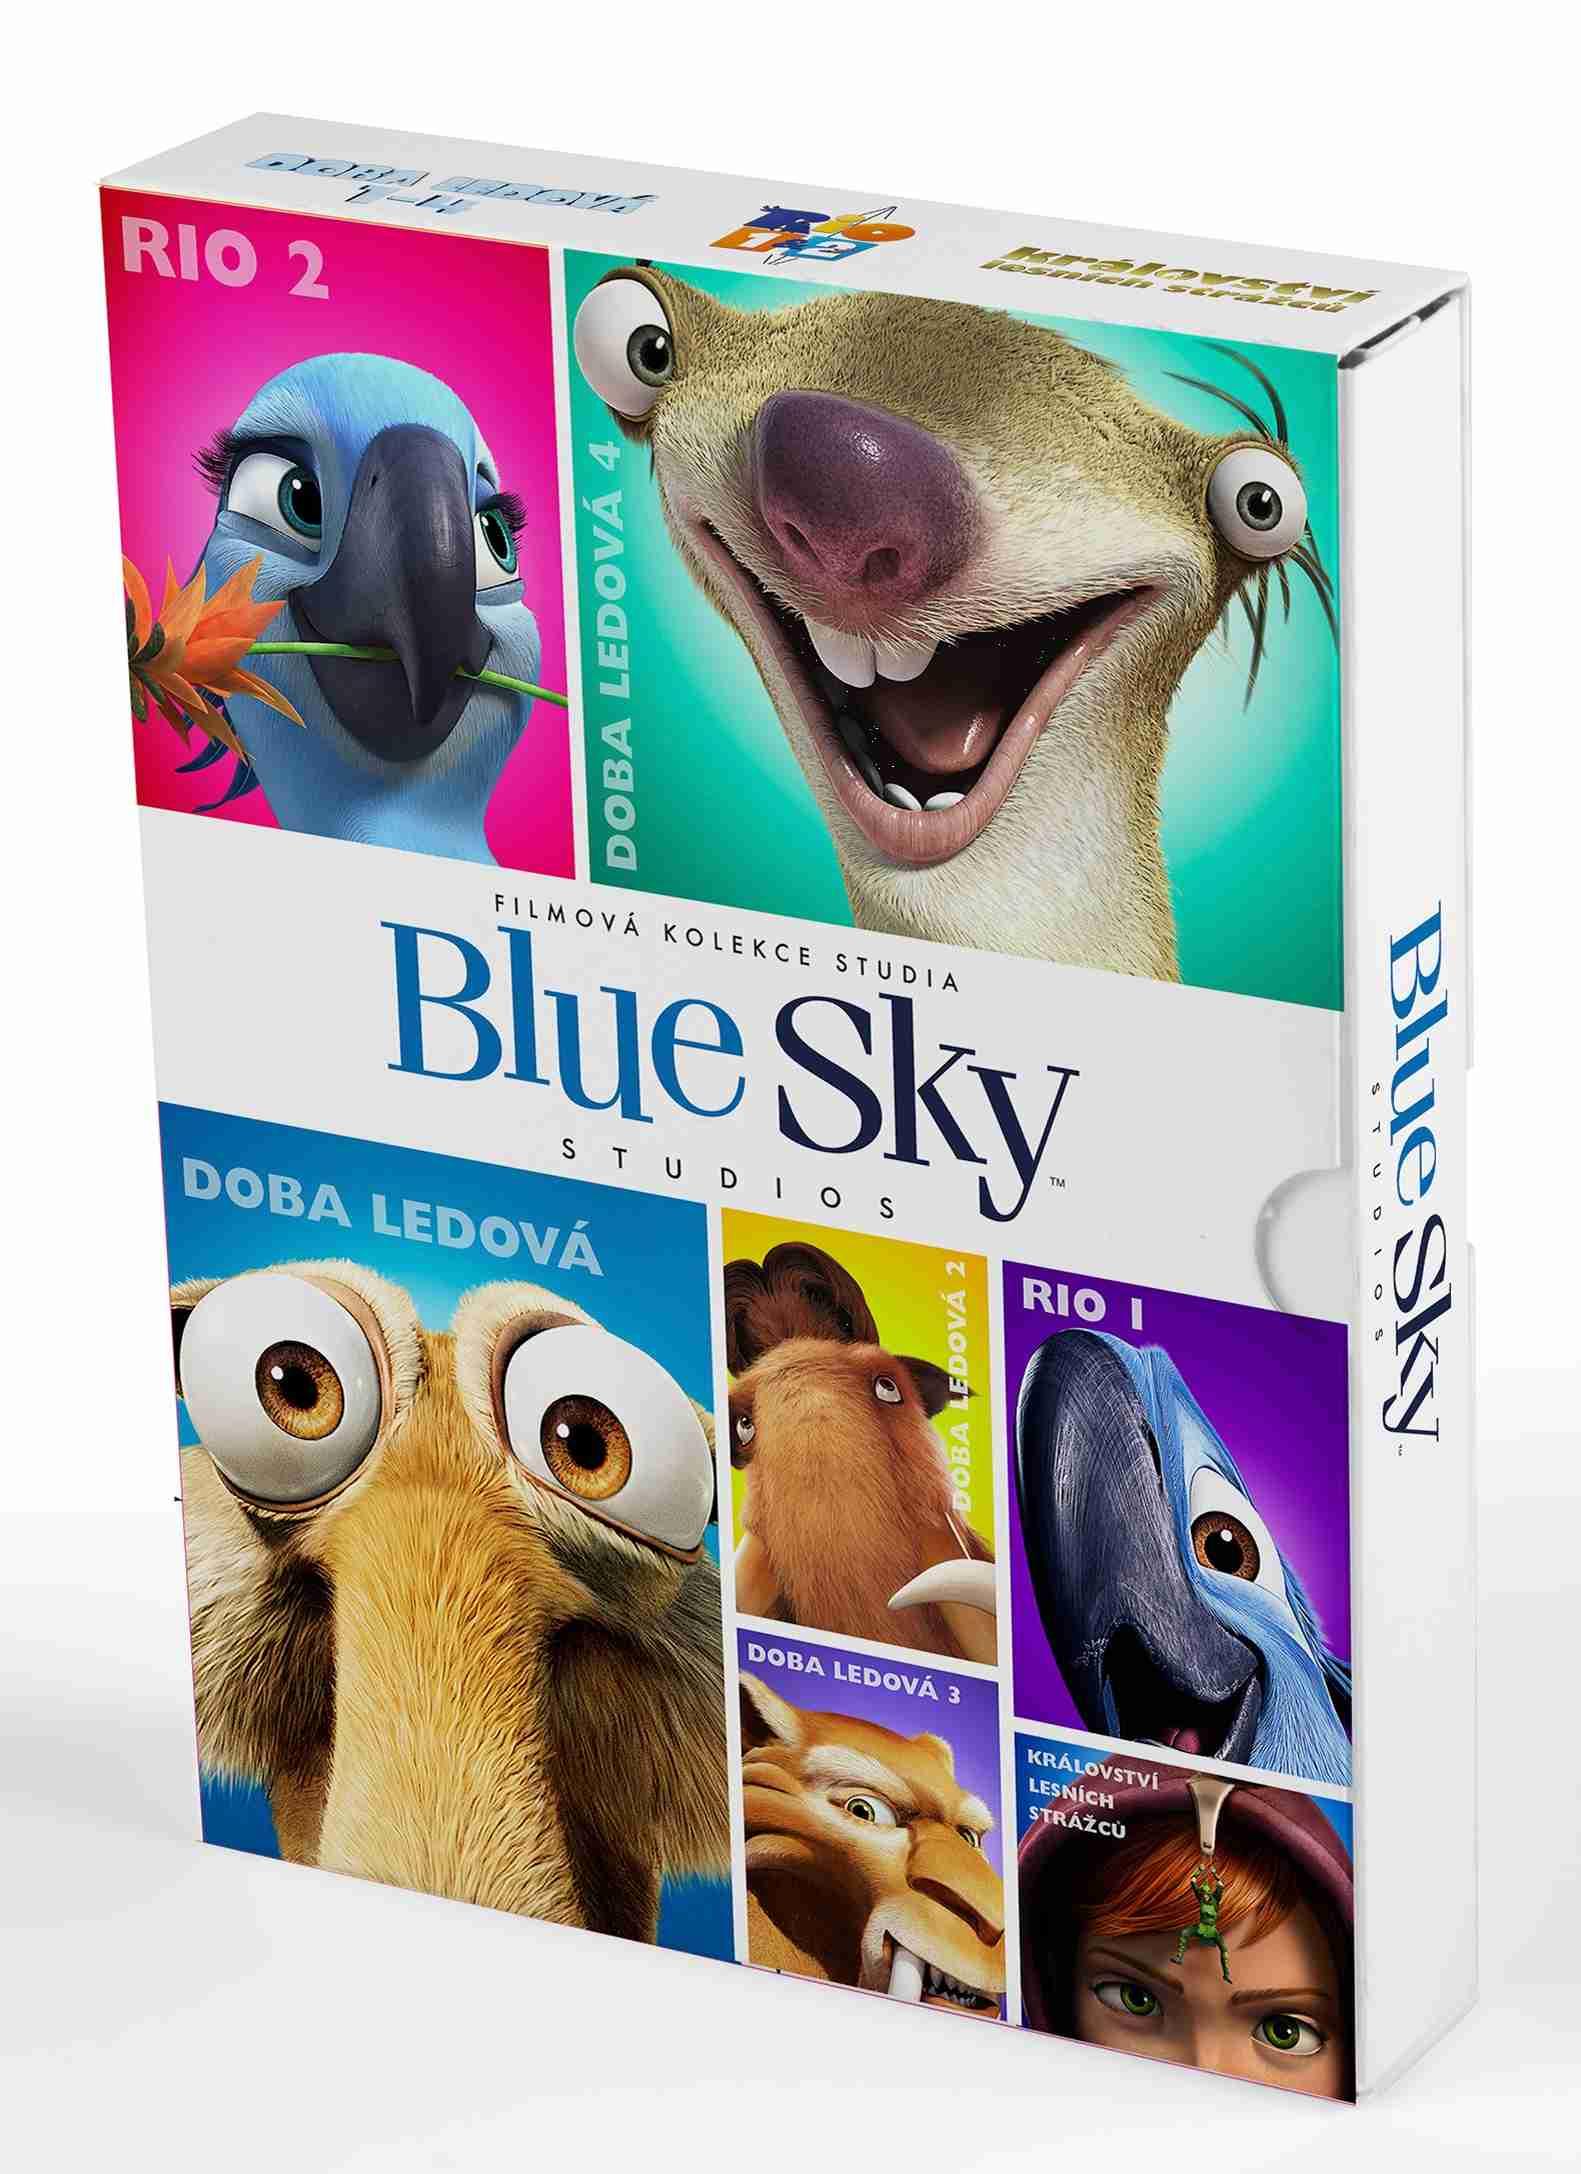 BlueSky kolekce (Rio 1+2, Doba ledová 1-4, Království lesních strážců) - 7 DVD